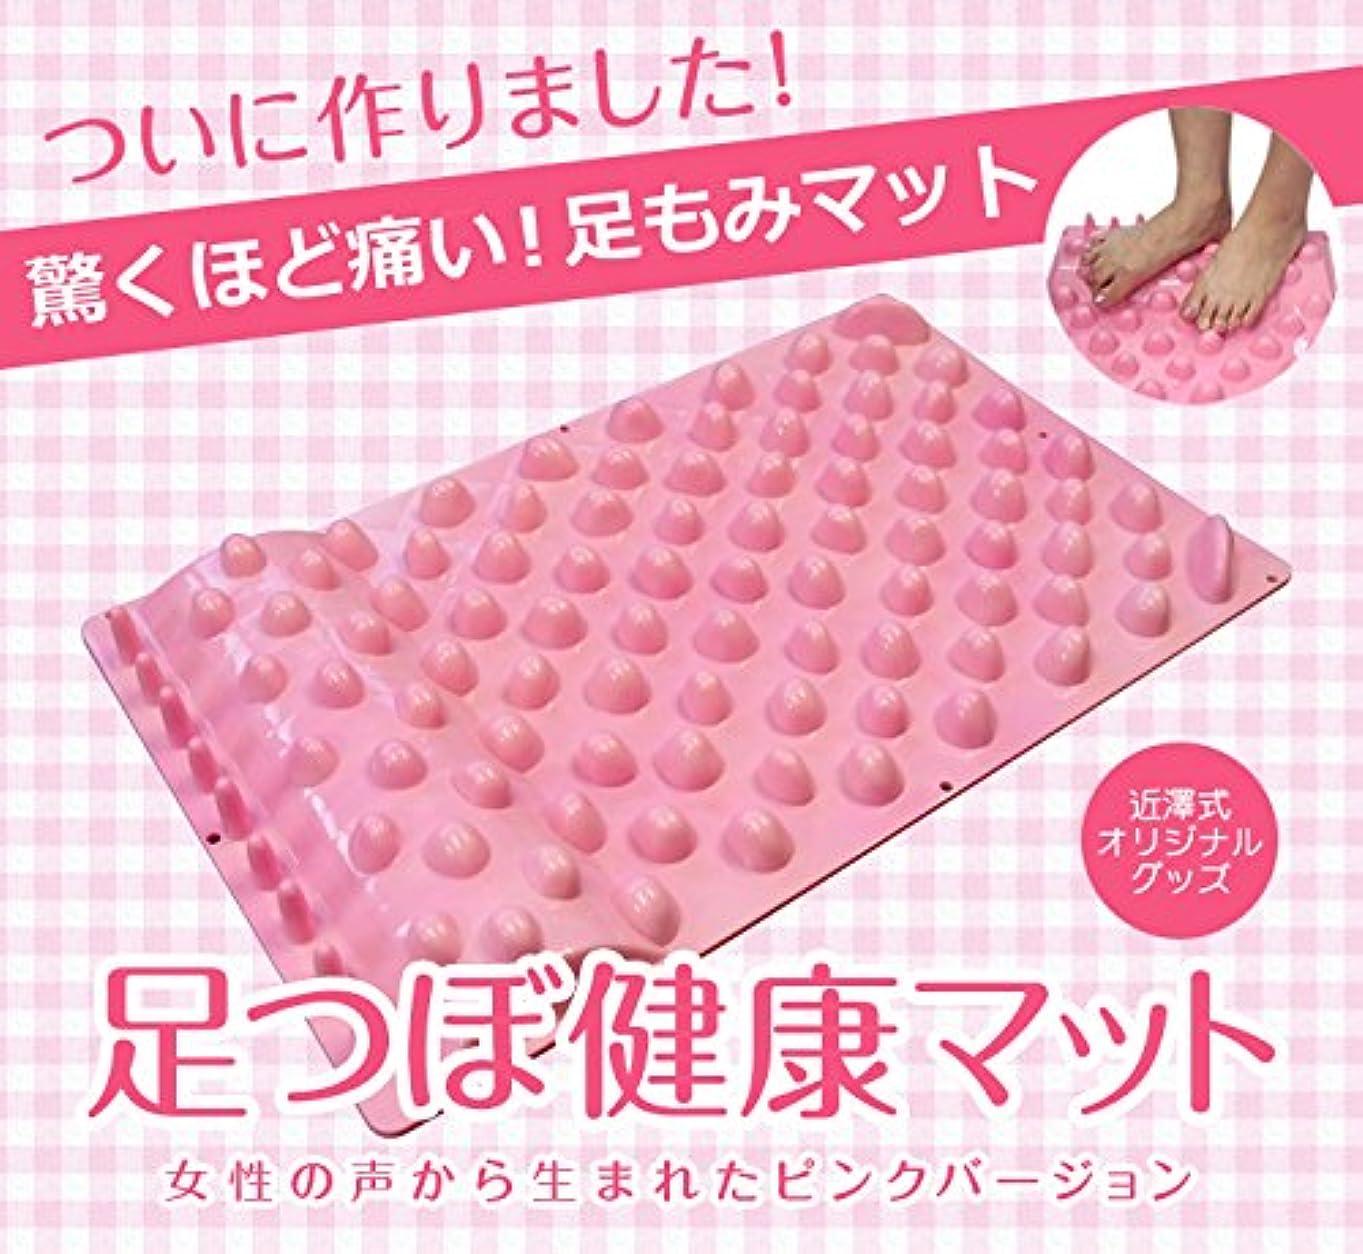 白鳥発生業界【近澤式】足つぼマット ピンク